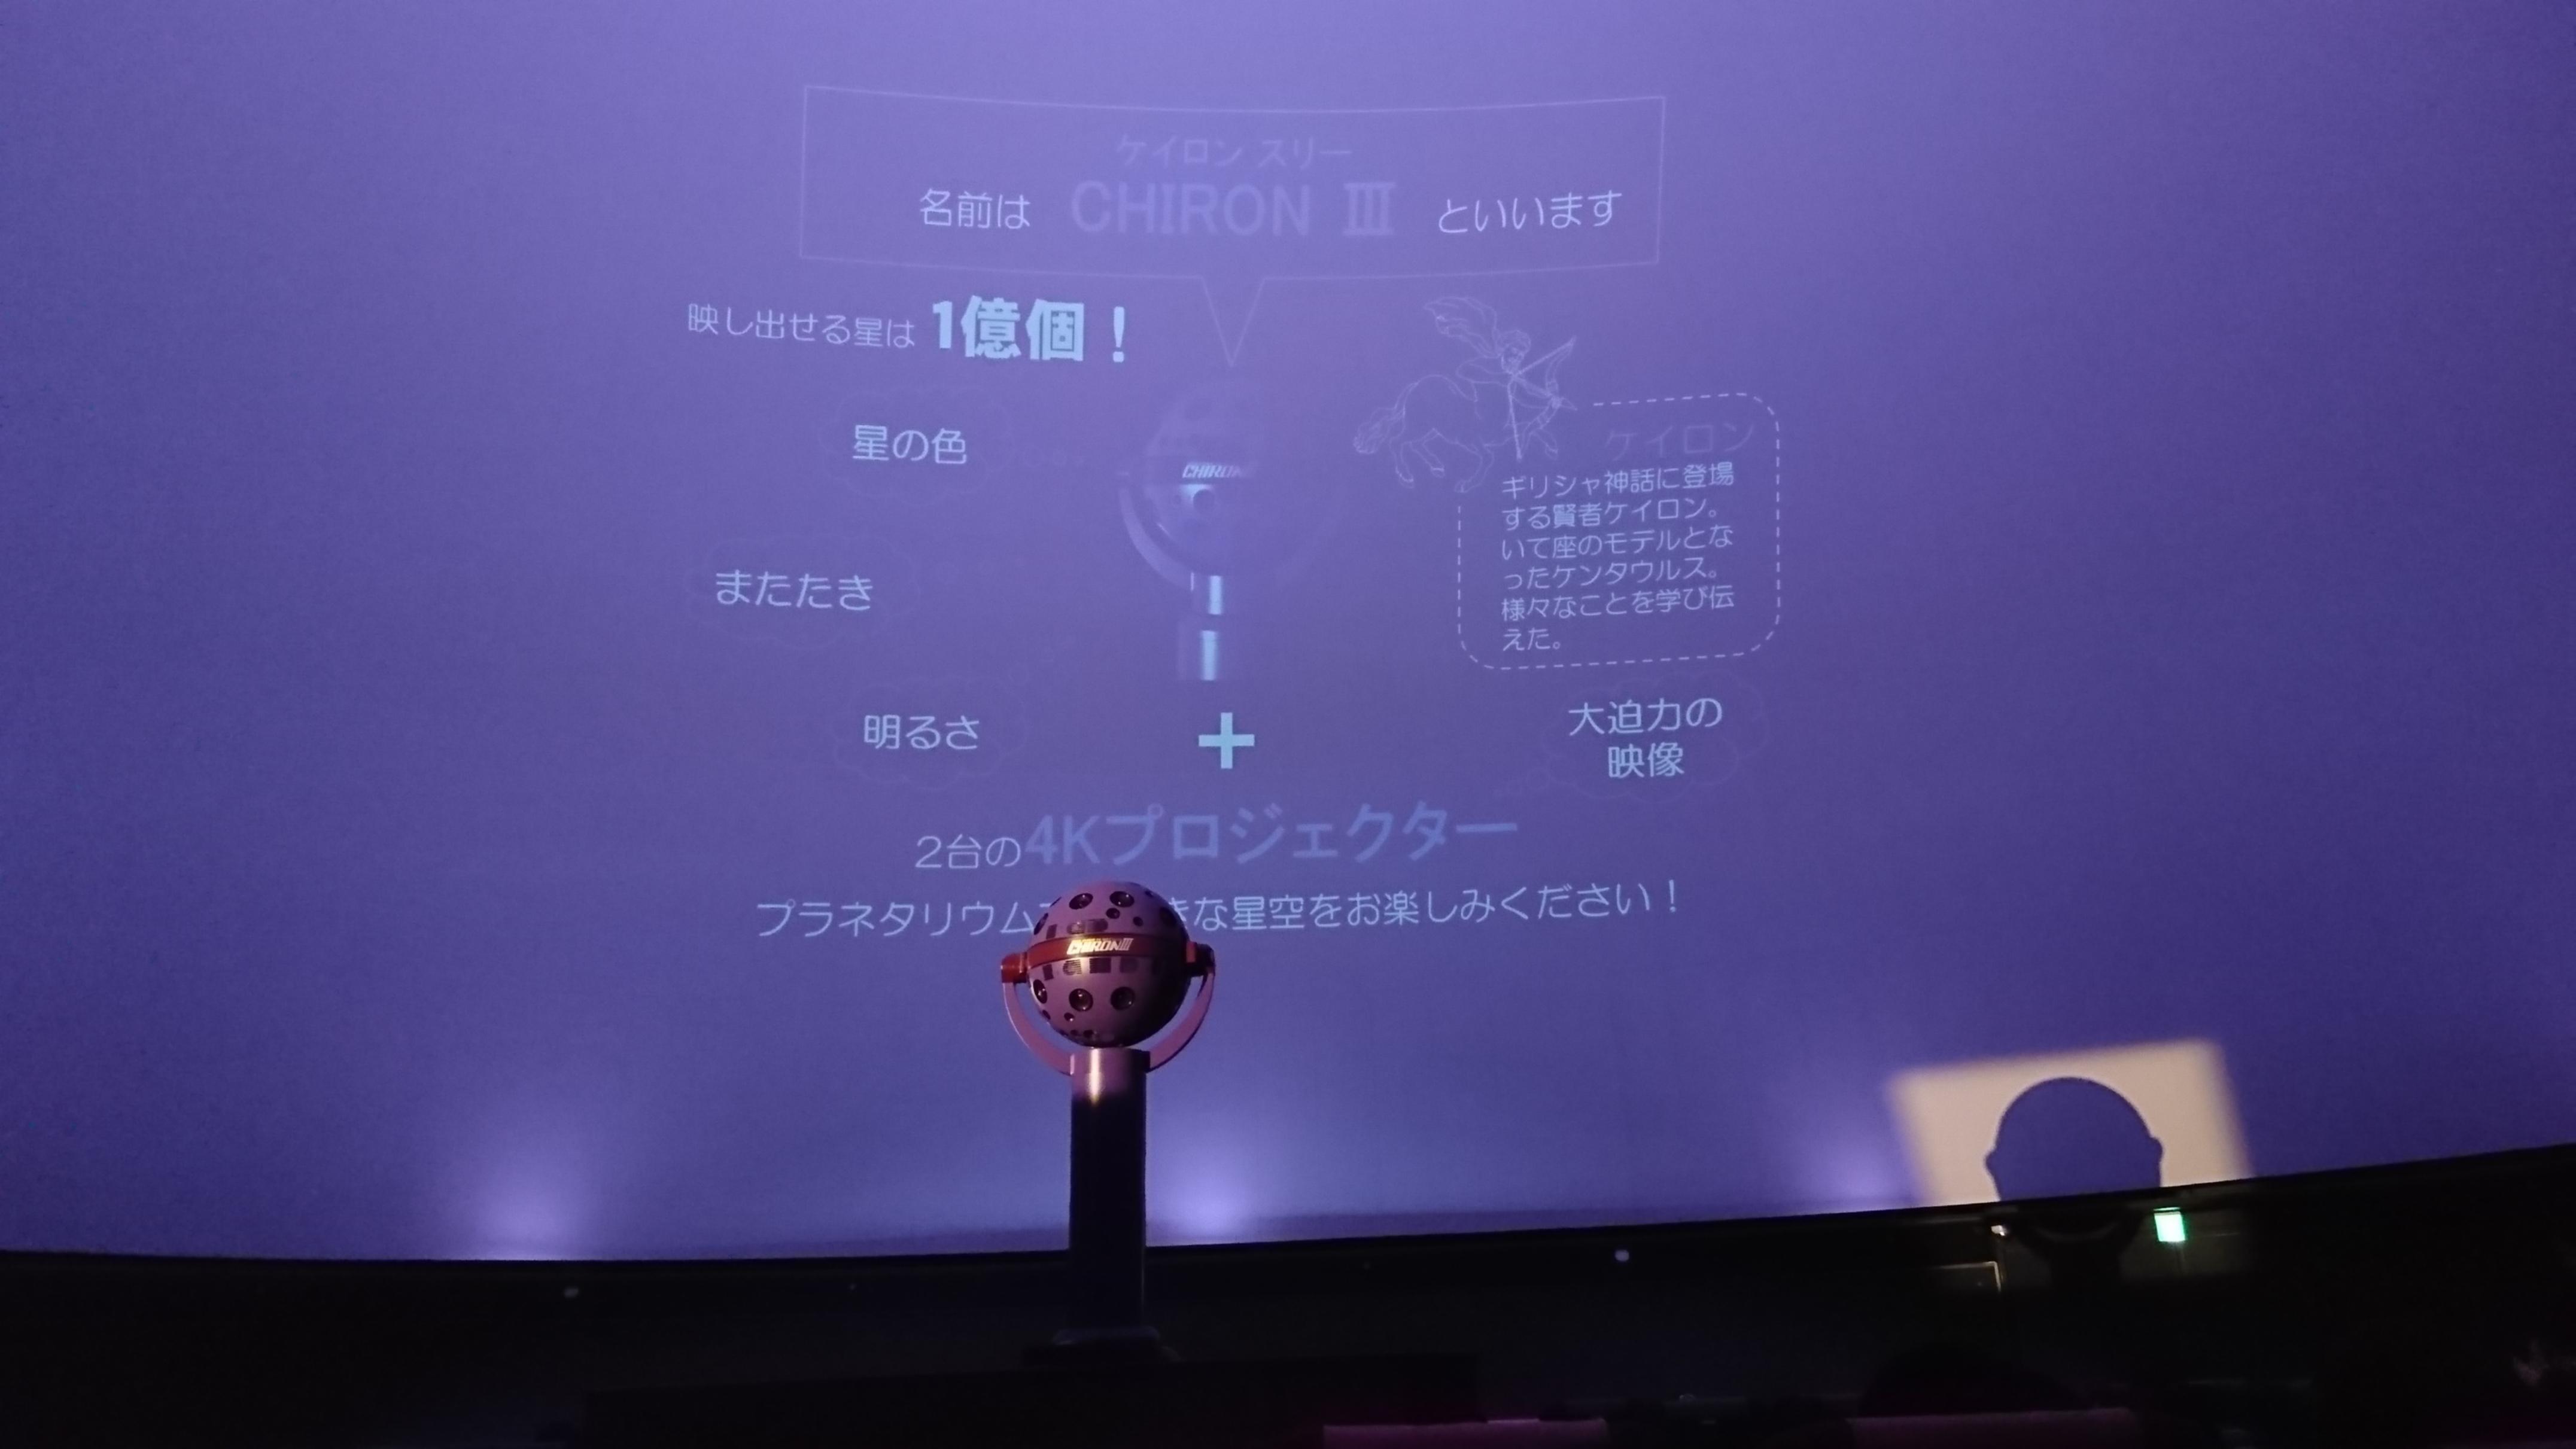 あゆか「プラネタリウムへ2」07/16(月) 23:04 | あゆかの写メ・風俗動画